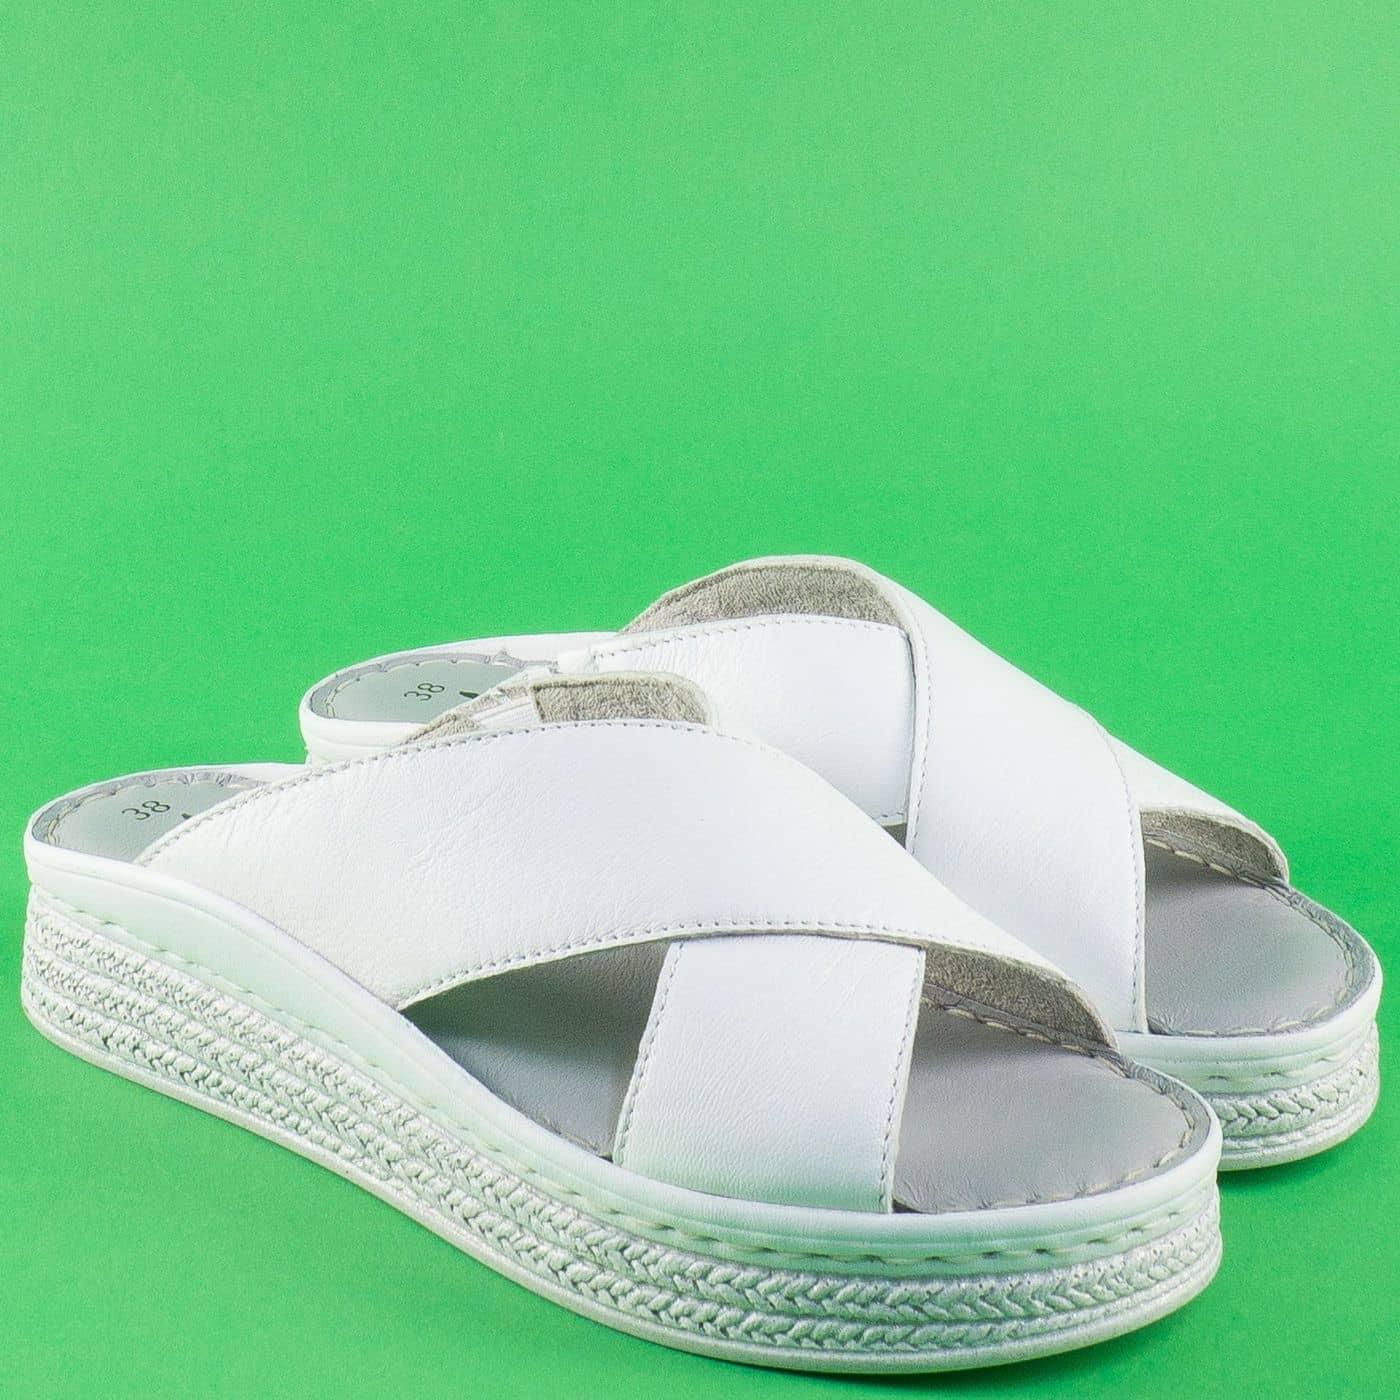 2c52c290c57 Бели дамски чехли Tamaris от естествена кожа на платформа 127207b - Zebra  1992